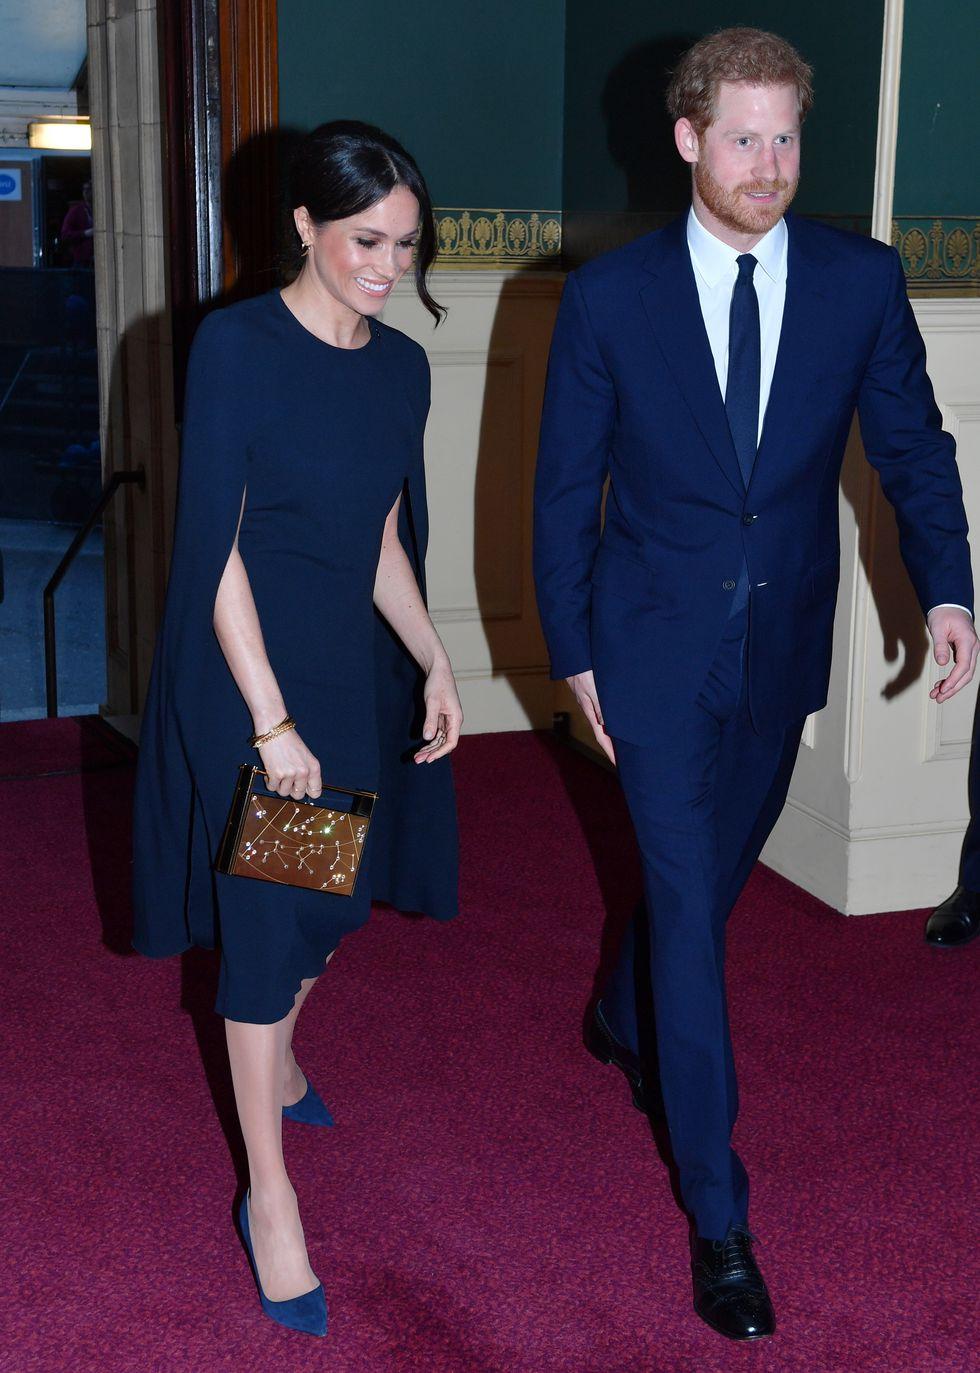 Меган Маркл и принц Гарри в темно-синих нарядах